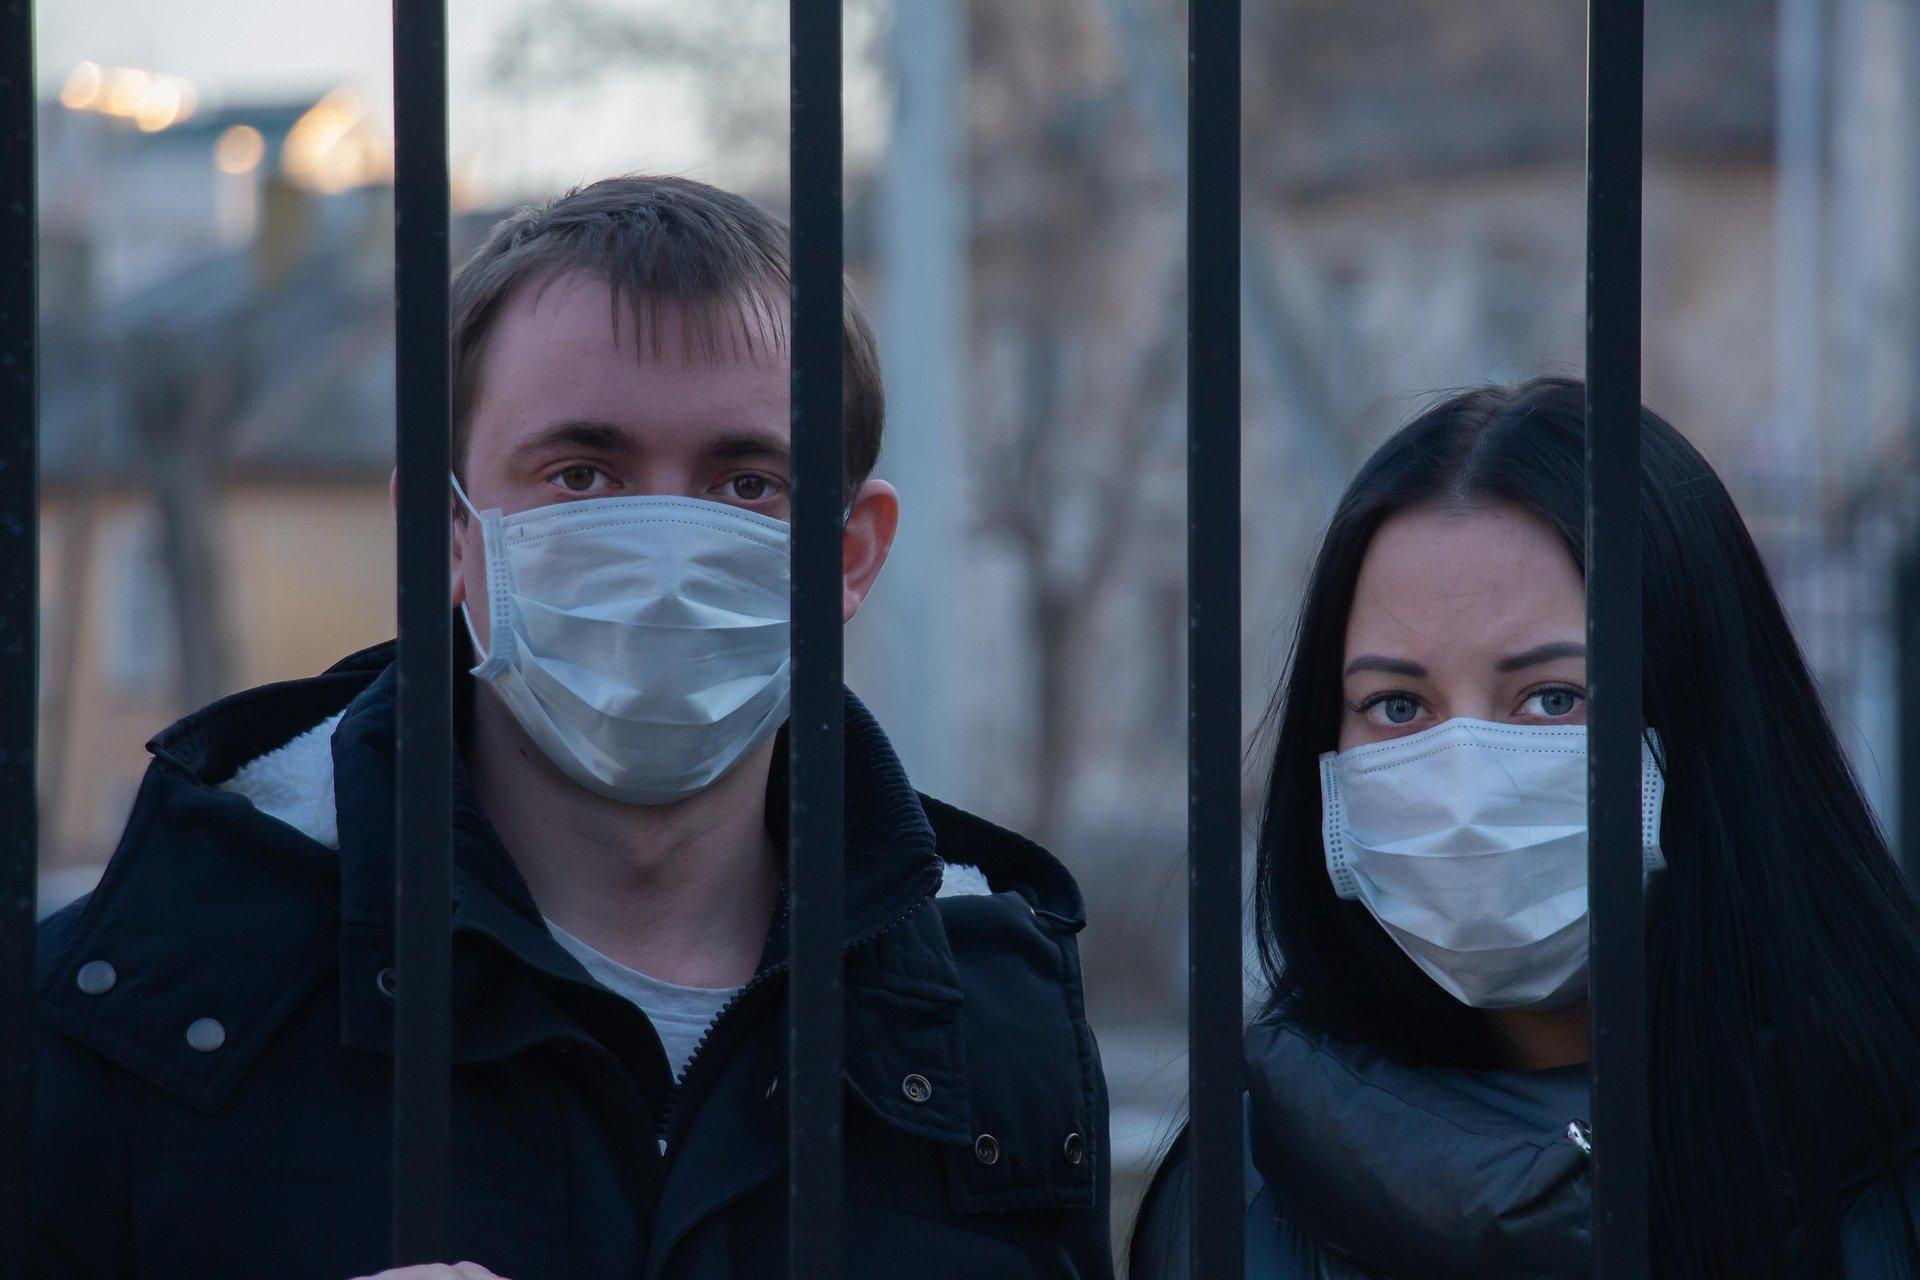 Segundo especialista, lockdown seria forma mais eficaz de quebrar a cadeia de transmissão do vírus.